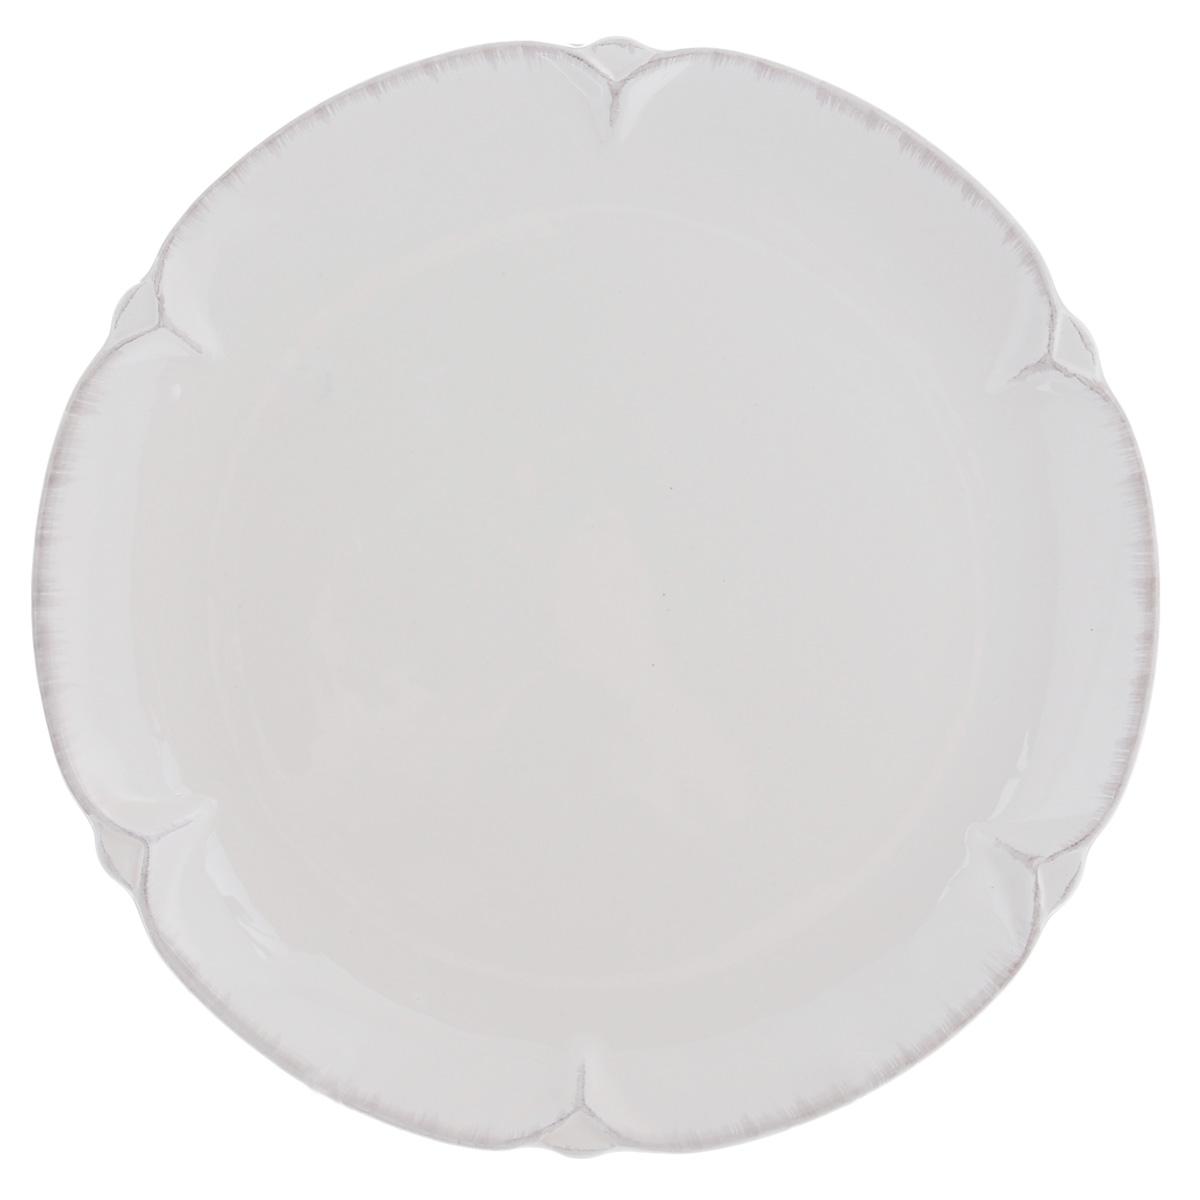 Тарелка Lillo Ideal, цвет: молочный, диаметр 26 см078422Тарелка Lillo Ideal прекрасно подойдет для сервировки вторых блюд. Изделие изготовлено из керамики и оснащено рельефными неровными краями. Такое оформление придется по вкусу и ценителям классики, и тем, кто предпочитает утонченность и изысканность. Тарелка Lillo Ideal украсит сервировку вашего стола и подчеркнет прекрасный вкус хозяина, а также станет отличным подарком. Можно использовать в посудомоечной машине и микроволновой печи. Диаметр тарелки: 26 см.Высота тарелки: 2,5 см.